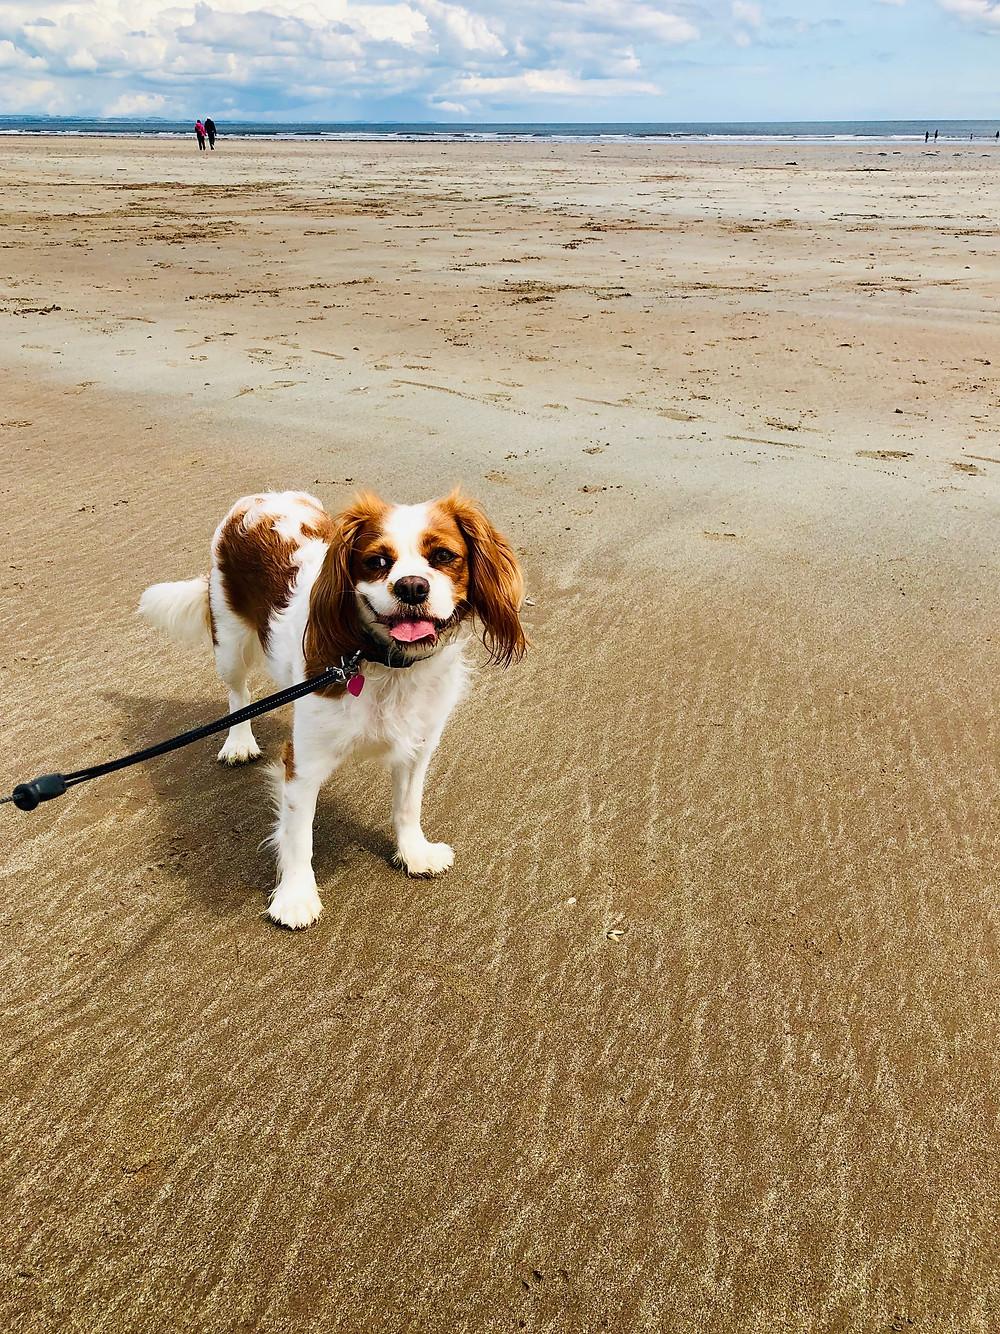 Carrie-Ann's dog Poppy on the beach